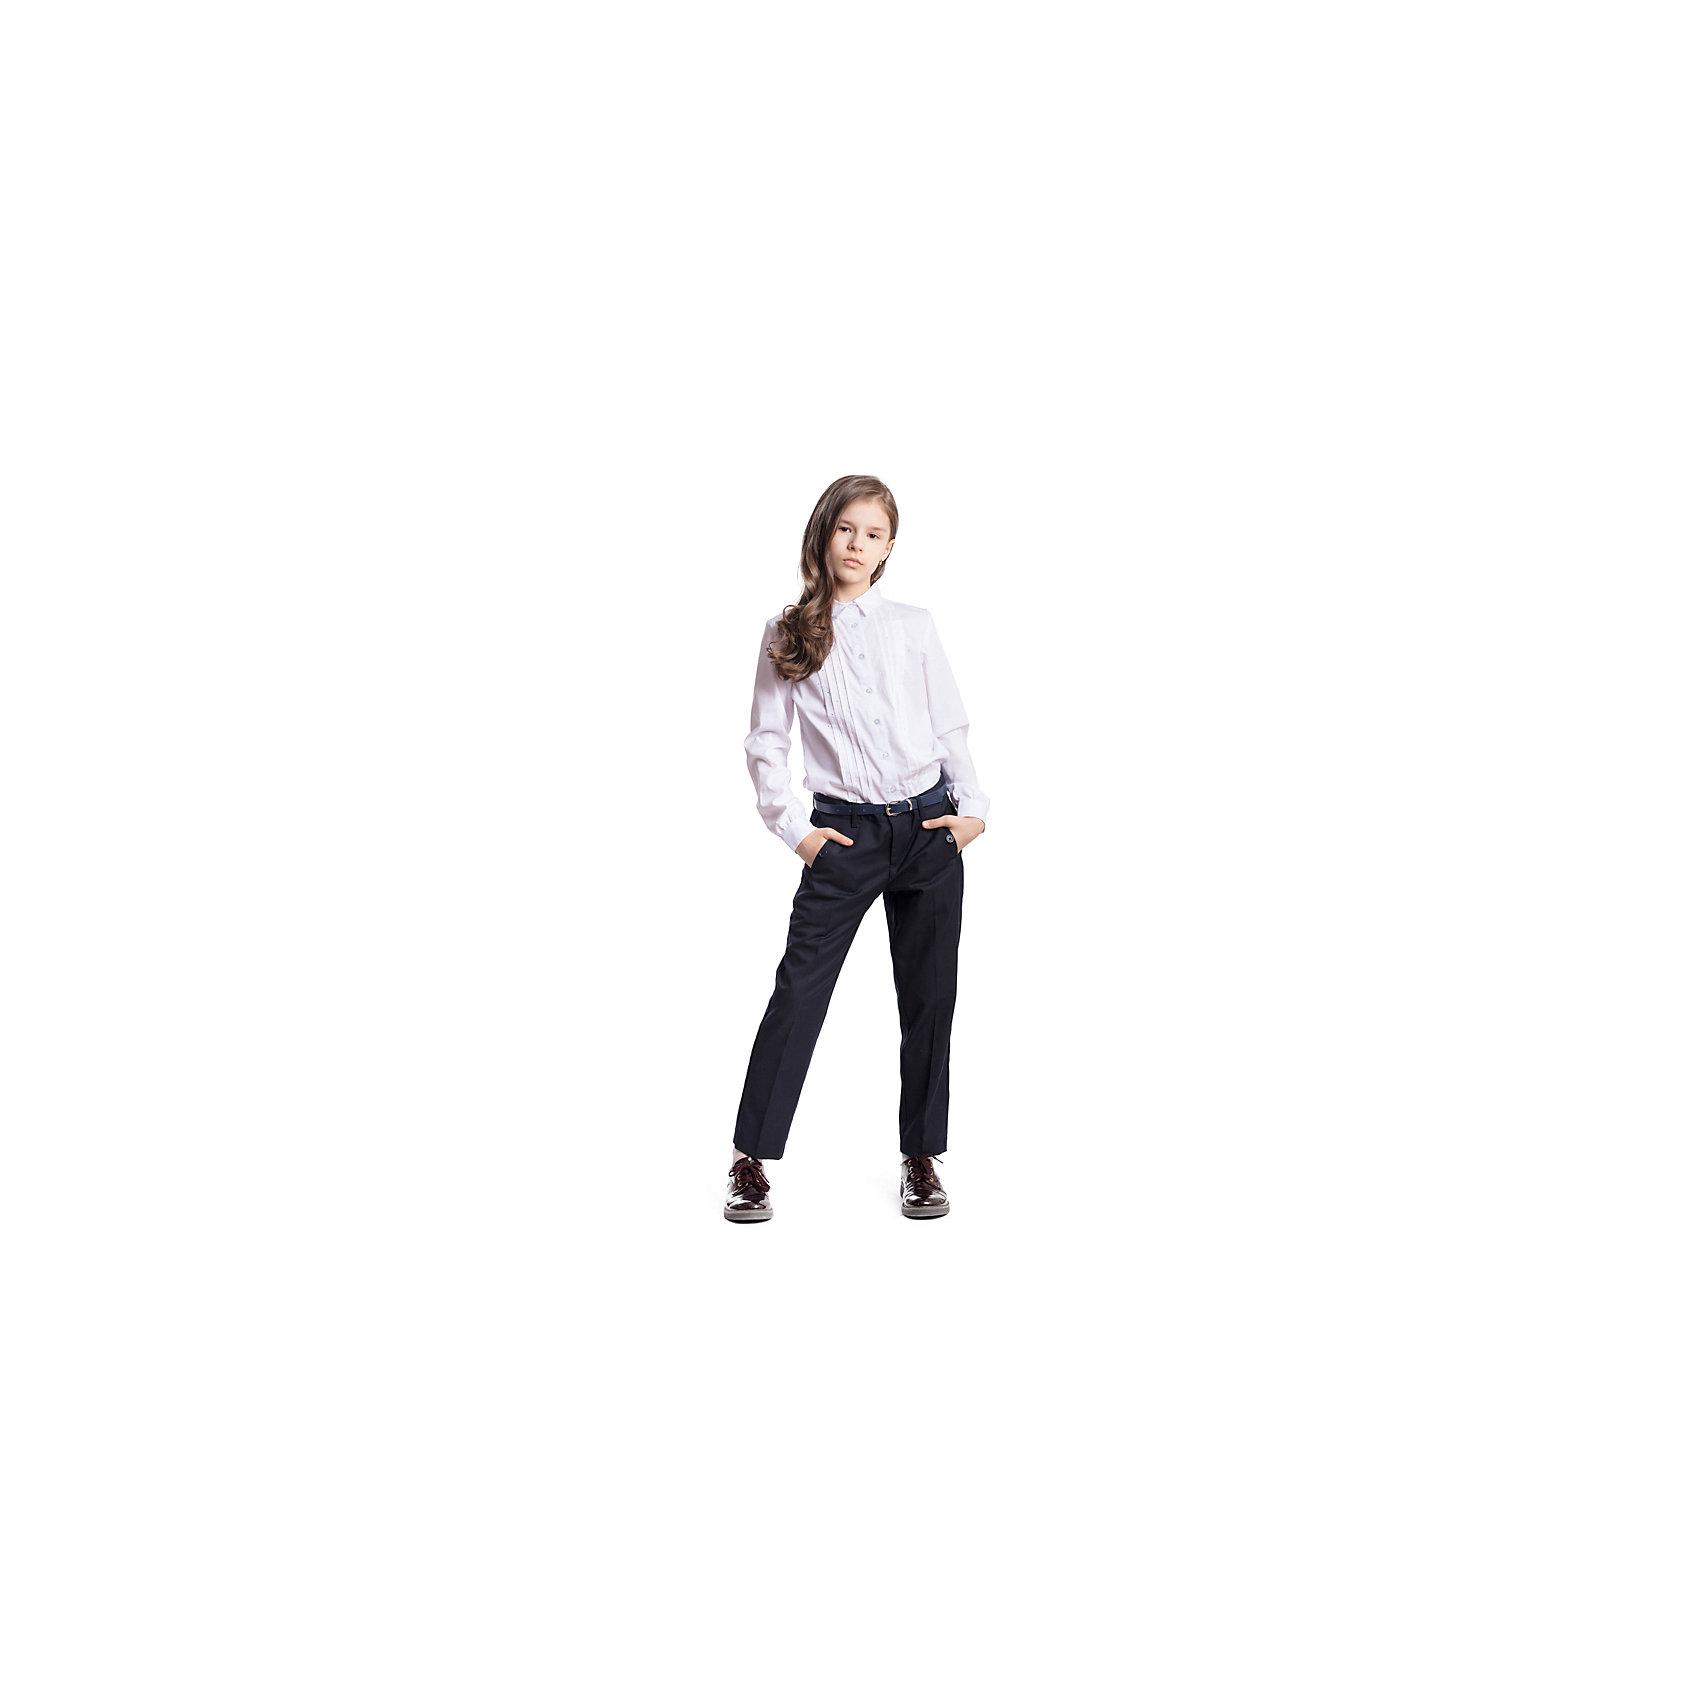 Брюки текстильные для девочки ScoolБрюки<br>Брюки текстильные для девочки Scool<br>Брюки - капри со стрелками в деловом стиле. При конструировании этой модели учитывались все детские физиологические особенности. По талии предусмотрена регулировка за счет удобной резинки на пуговицах.Преимущества: Модель со шлевками при необходимости можно использовать ременьБрюки с вшивными карманами на пуговицах<br>Состав:<br>65% полиэстер, 35% вискоза<br><br>Ширина мм: 215<br>Глубина мм: 88<br>Высота мм: 191<br>Вес г: 336<br>Цвет: полуночно-синий<br>Возраст от месяцев: 156<br>Возраст до месяцев: 168<br>Пол: Женский<br>Возраст: Детский<br>Размер: 164,122,128,134,140,146,152,158<br>SKU: 6754755